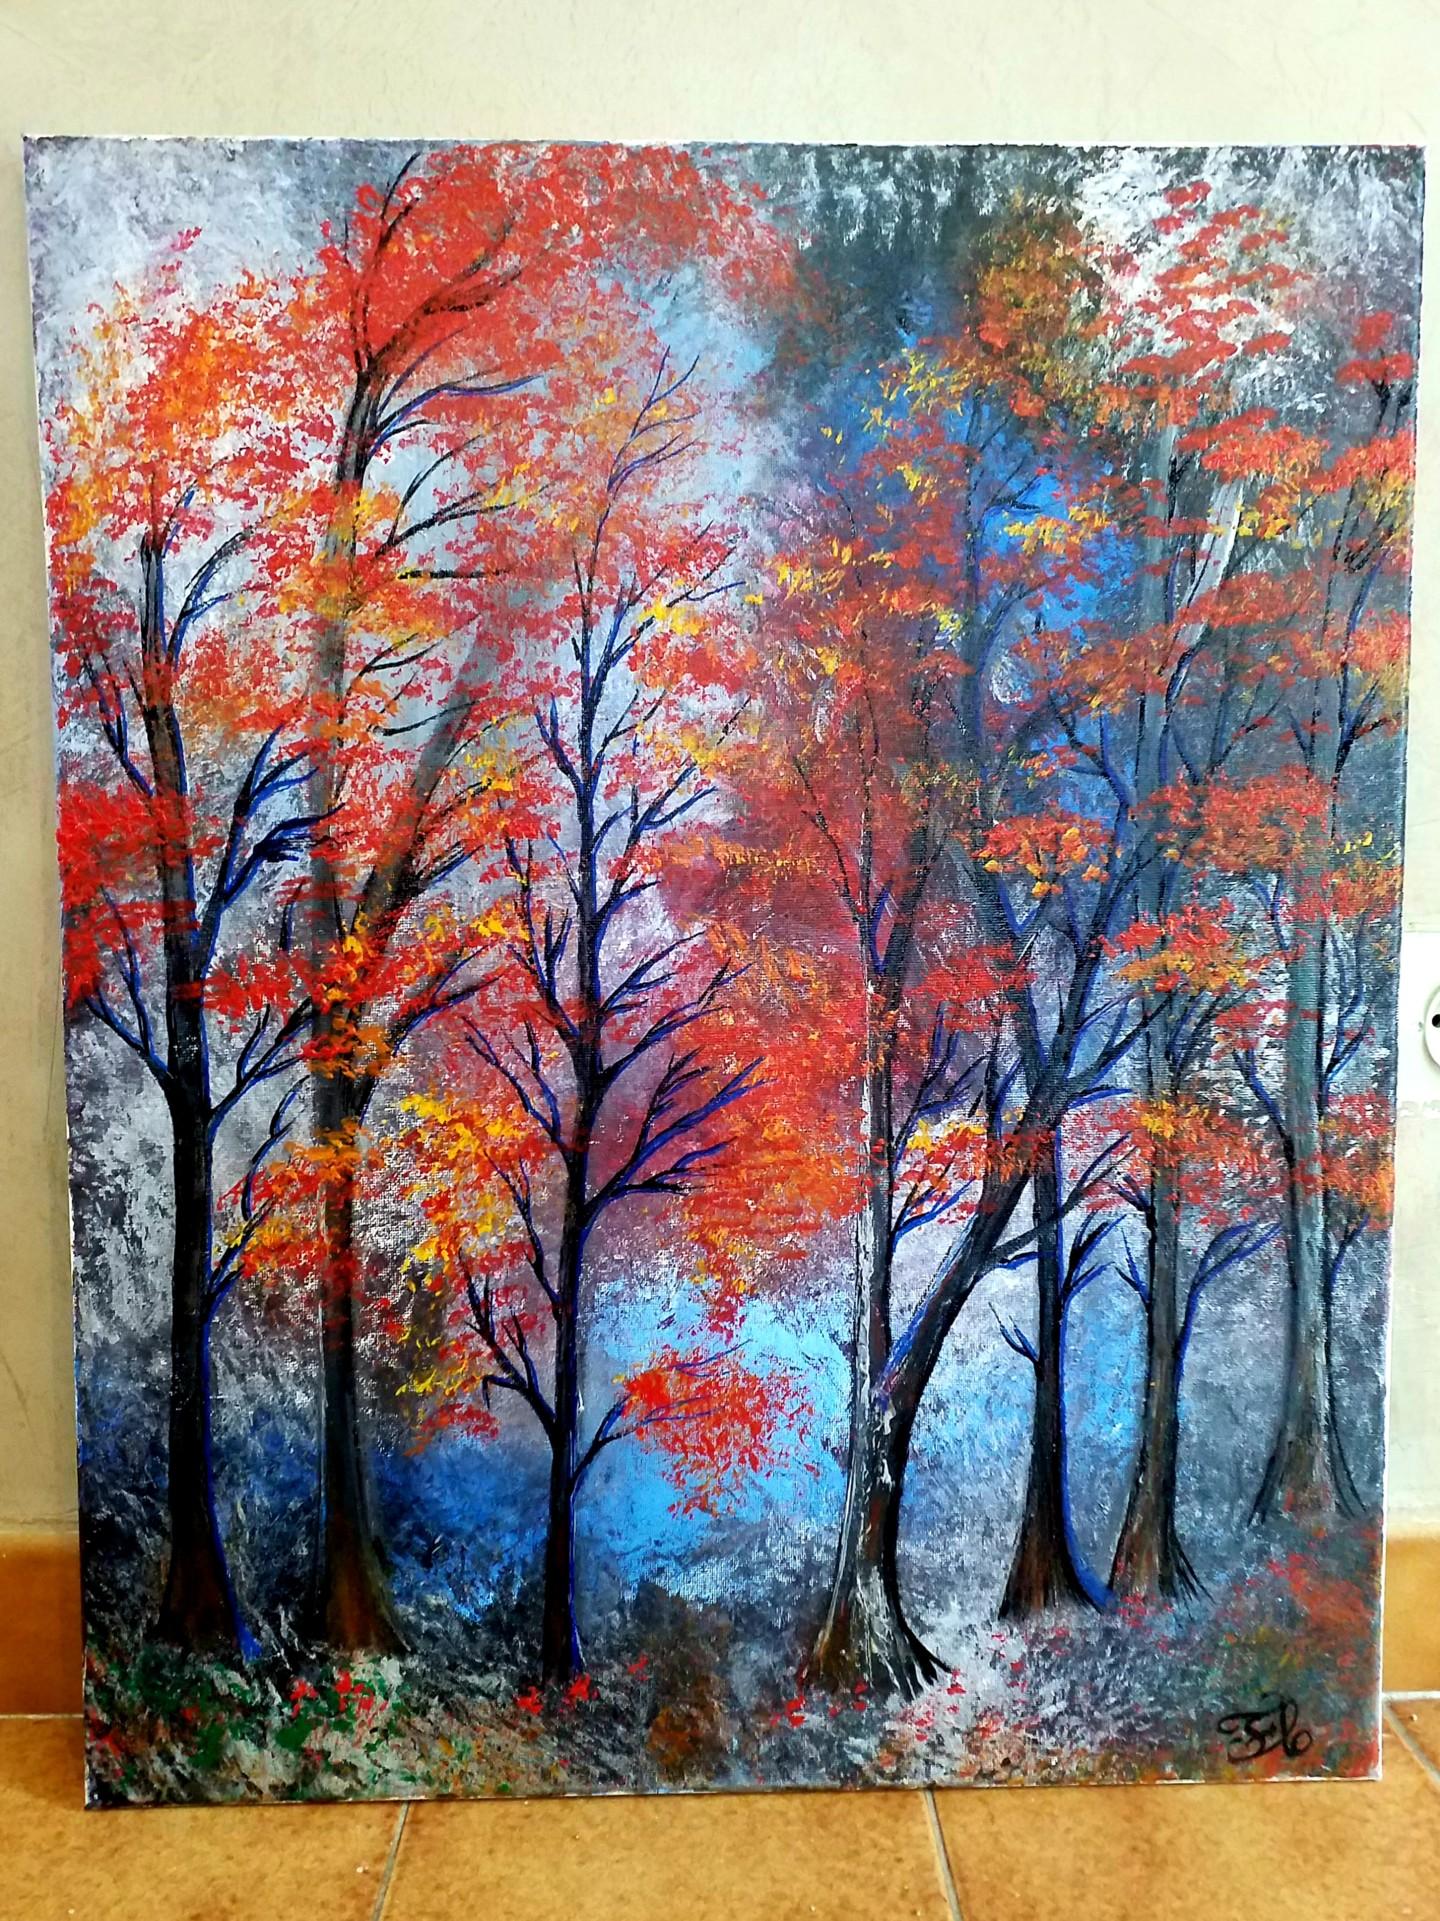 Florence Castelli  flofloyd - La forêt que j aime